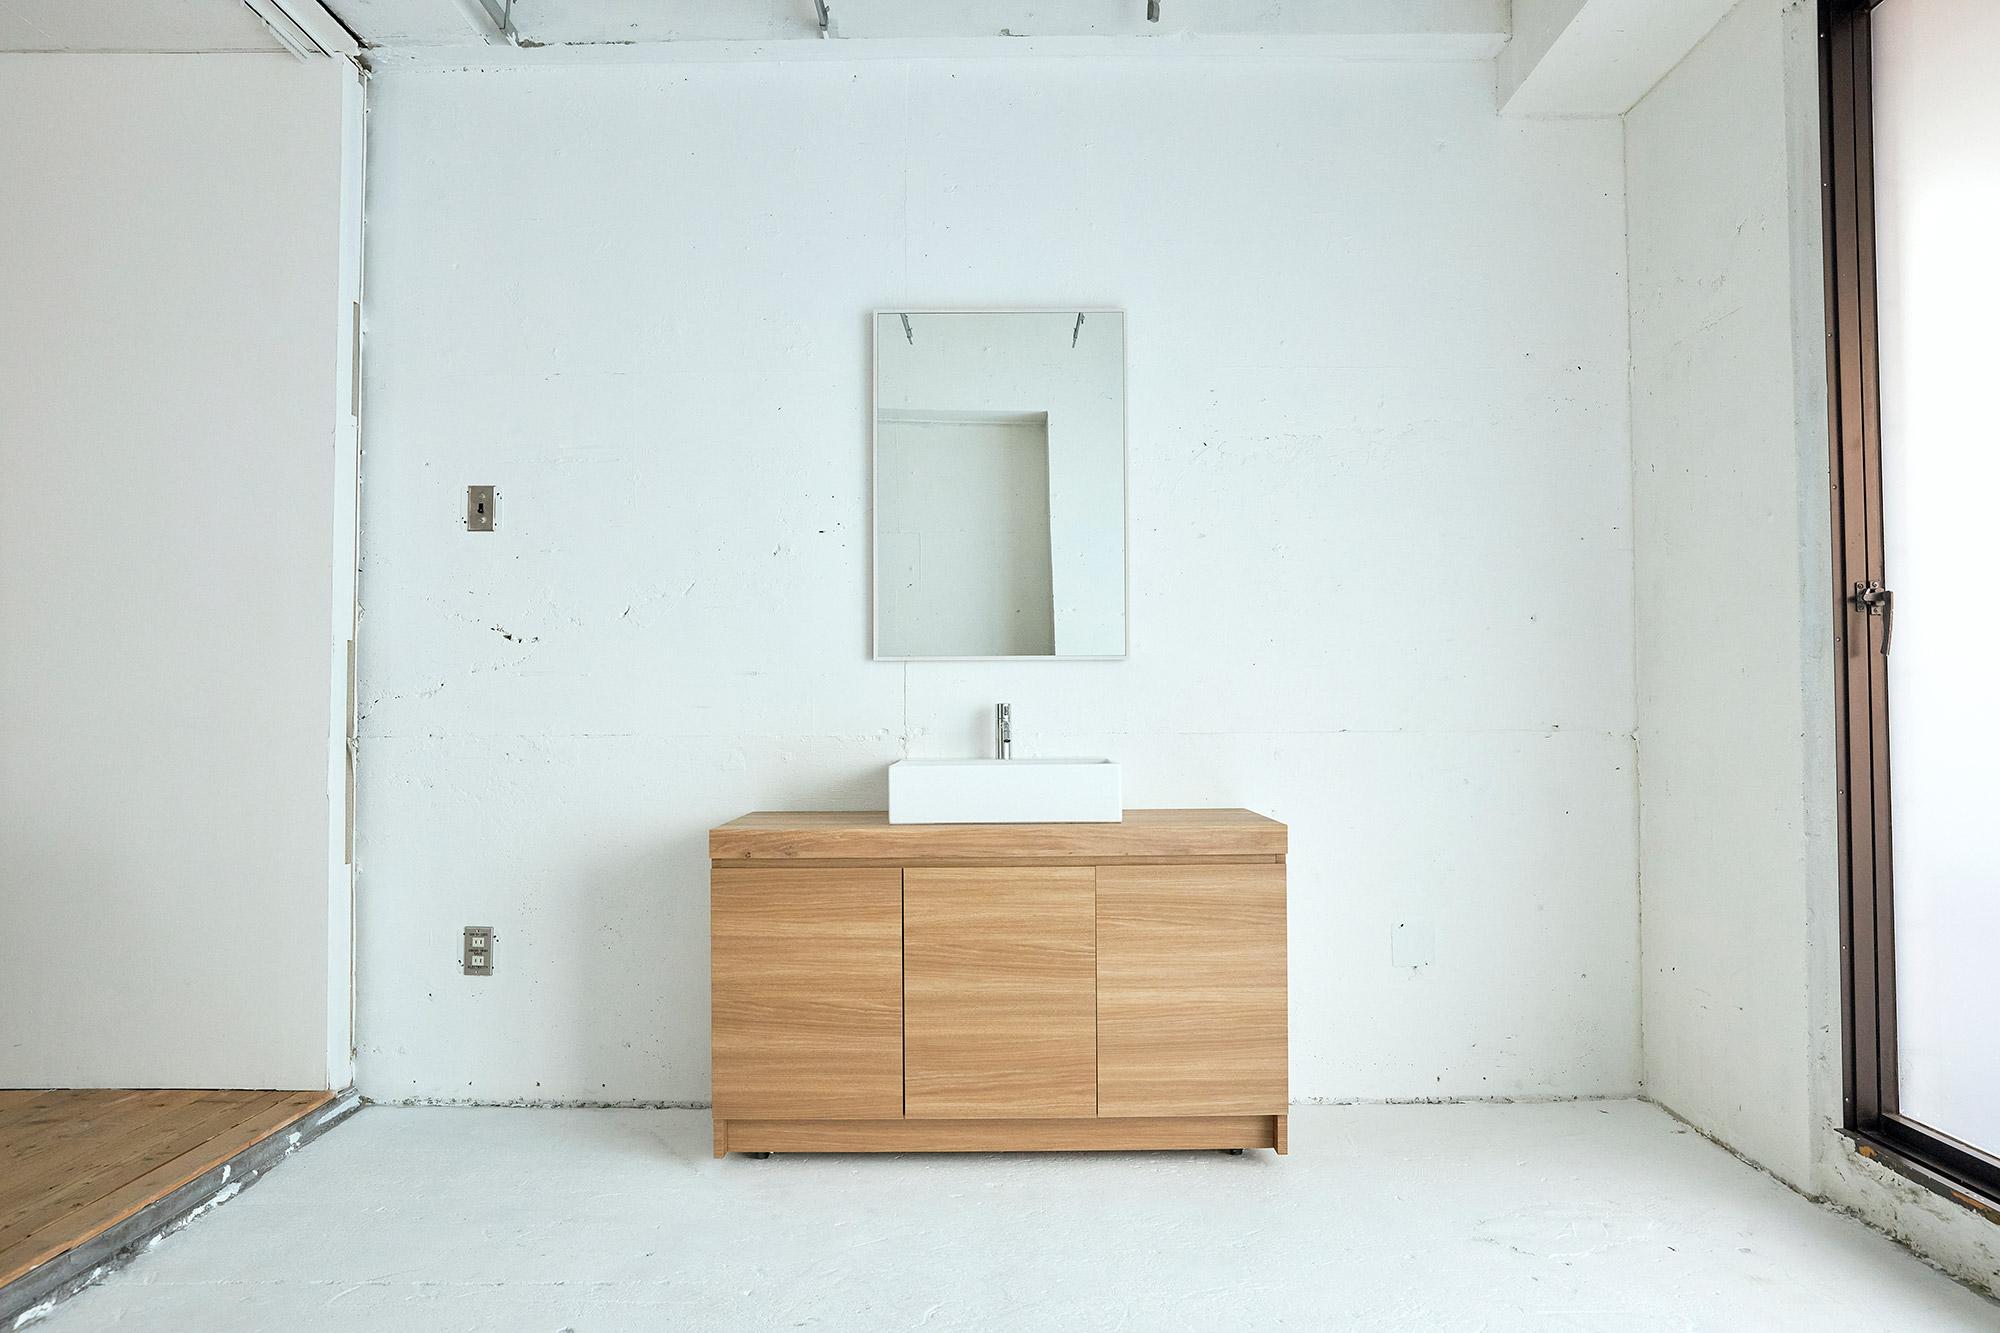 ブログ-200110-洗面台設置場所A